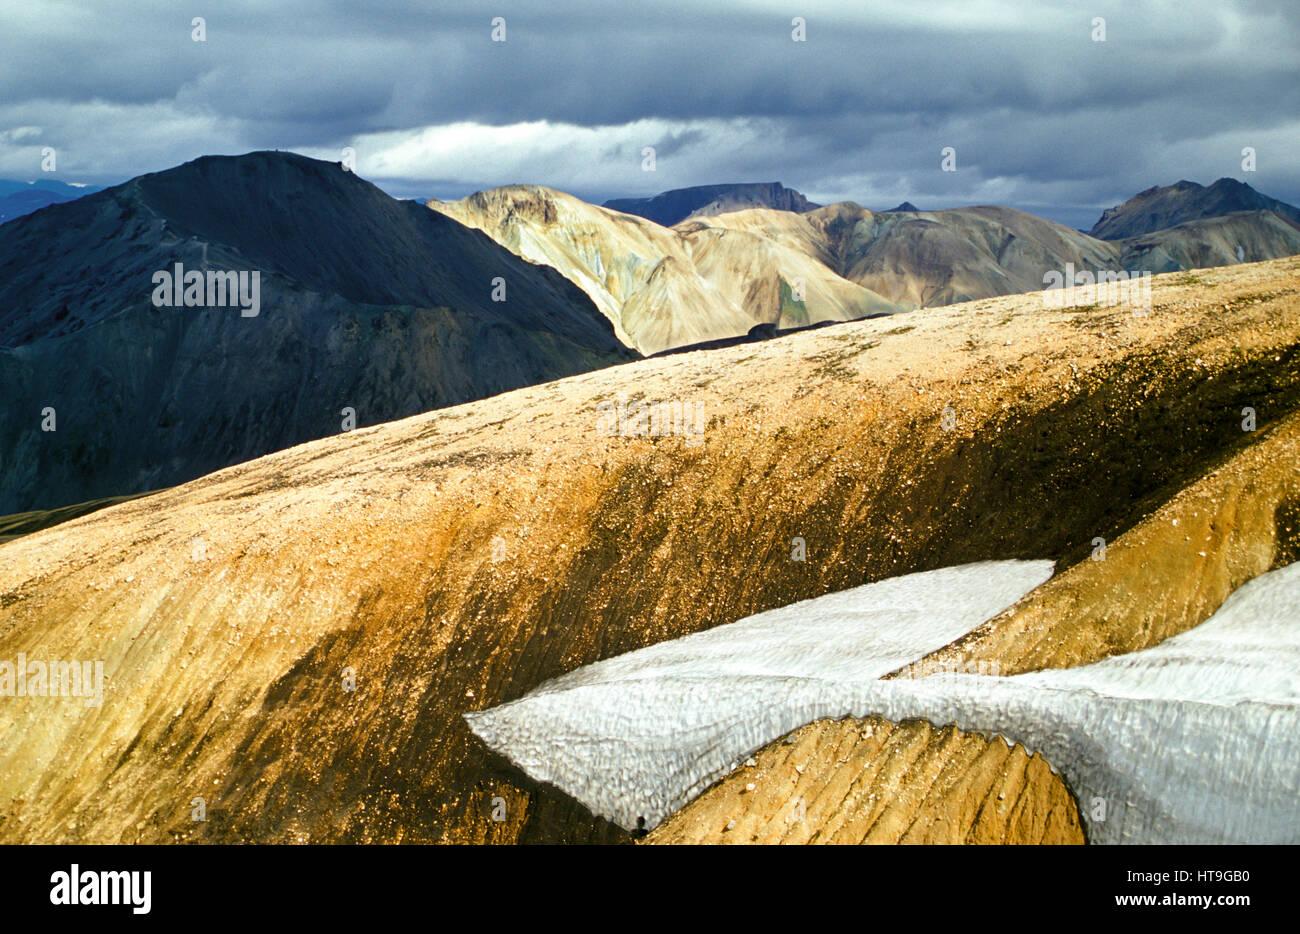 Paysage montagneux volcaniques irréel étonnante en Islande en belle lumière Photo Stock